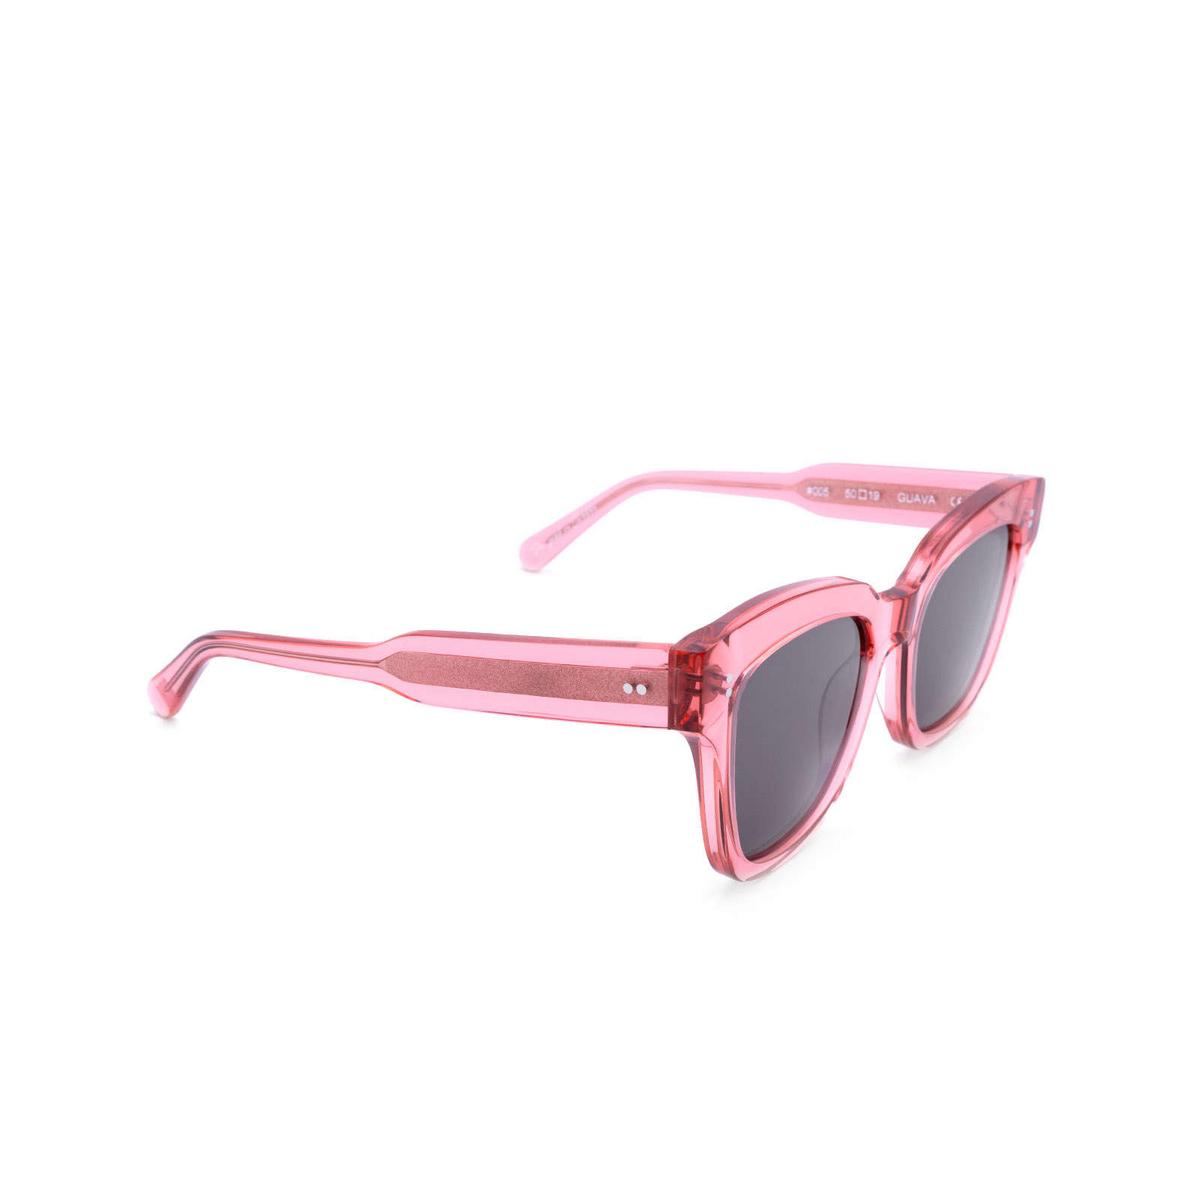 Chimi® Square Sunglasses: #005 color Pink Guava.